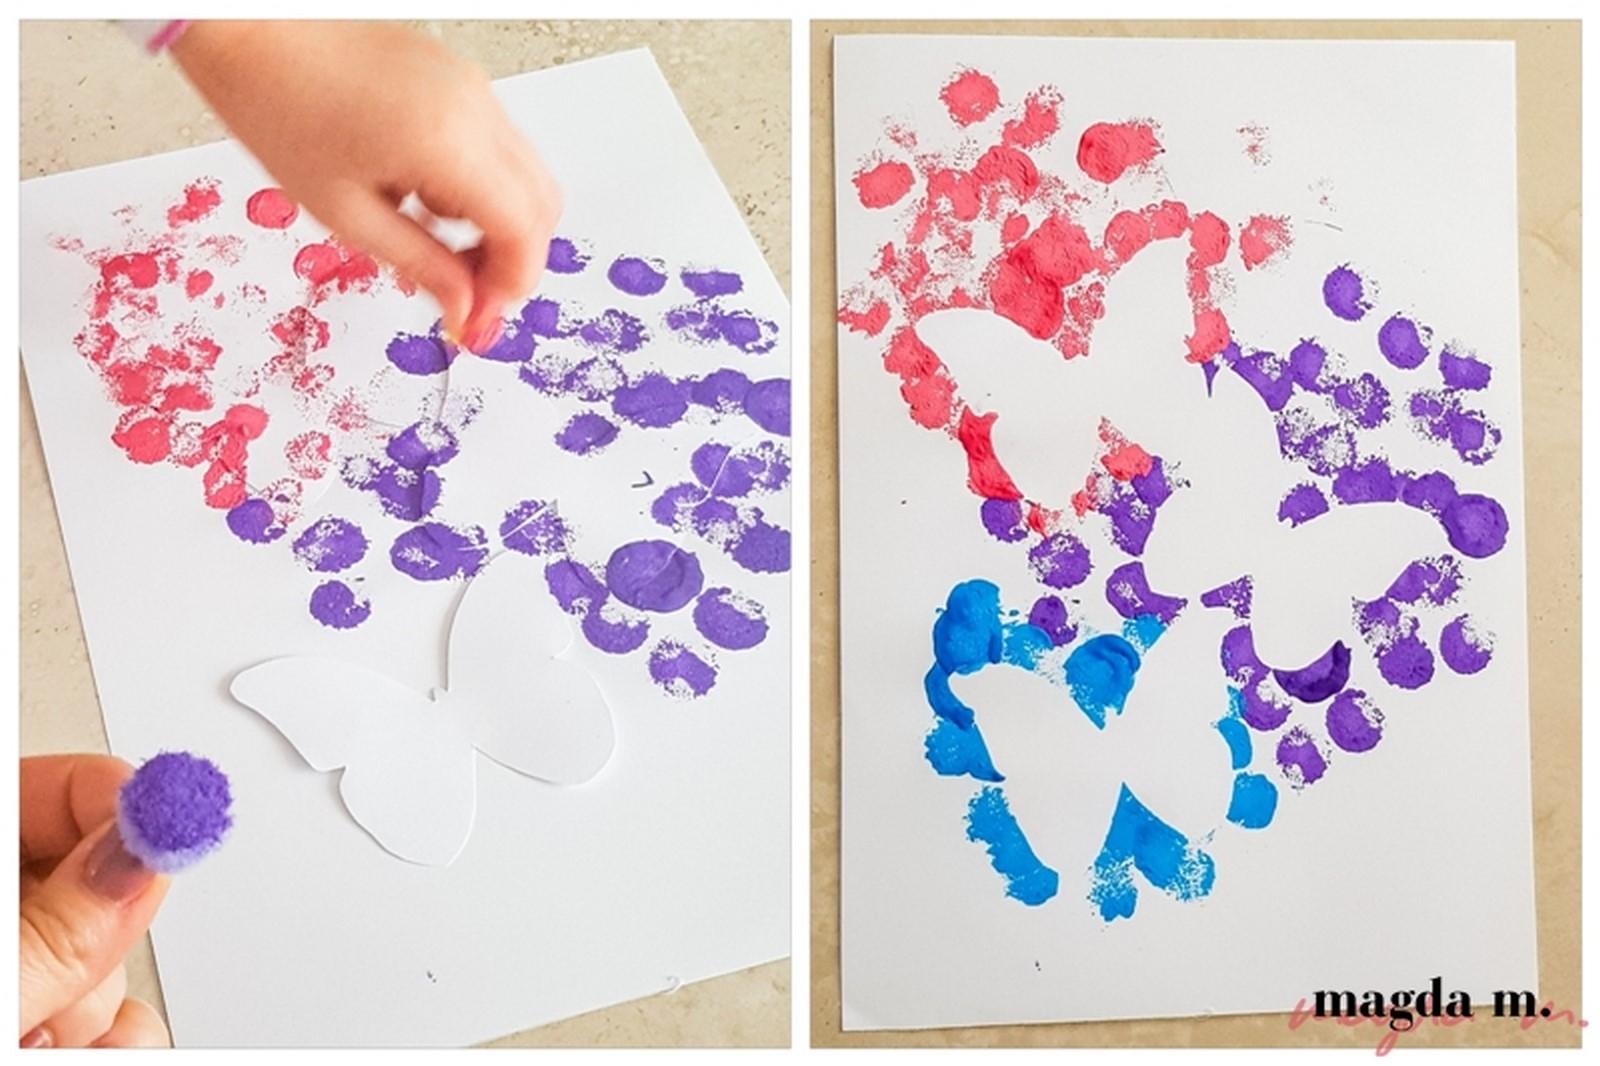 prace plastyczne dla dzieci maj